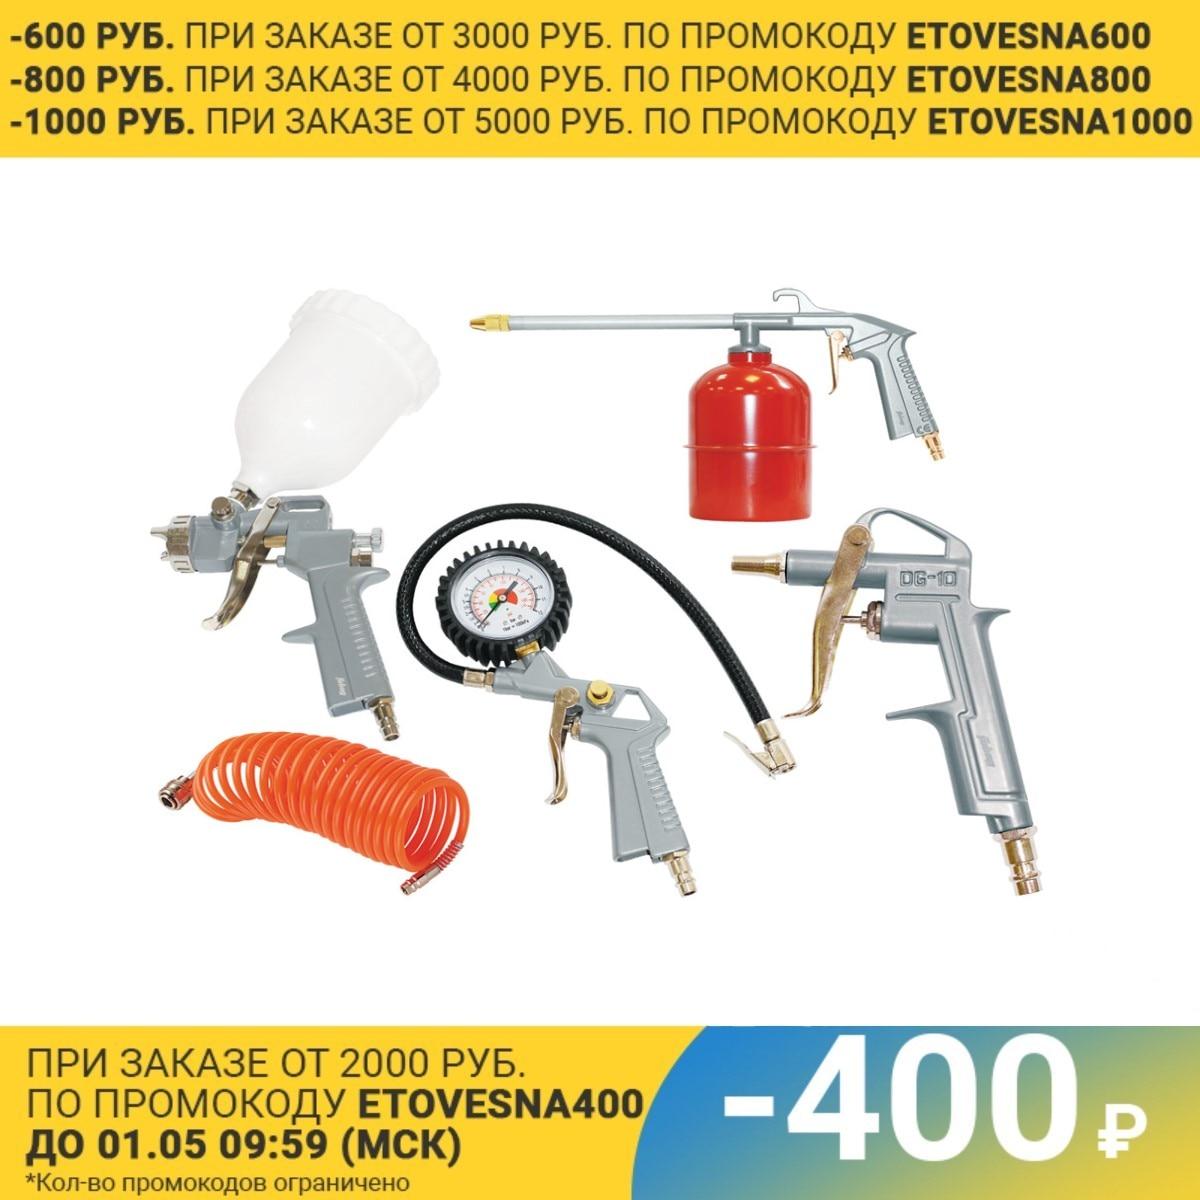 Набор пневматических инструментов для компрессора, 5 предметов (выдув, откачивание, перекачка, пистолет для краски, шланг из ПВХ